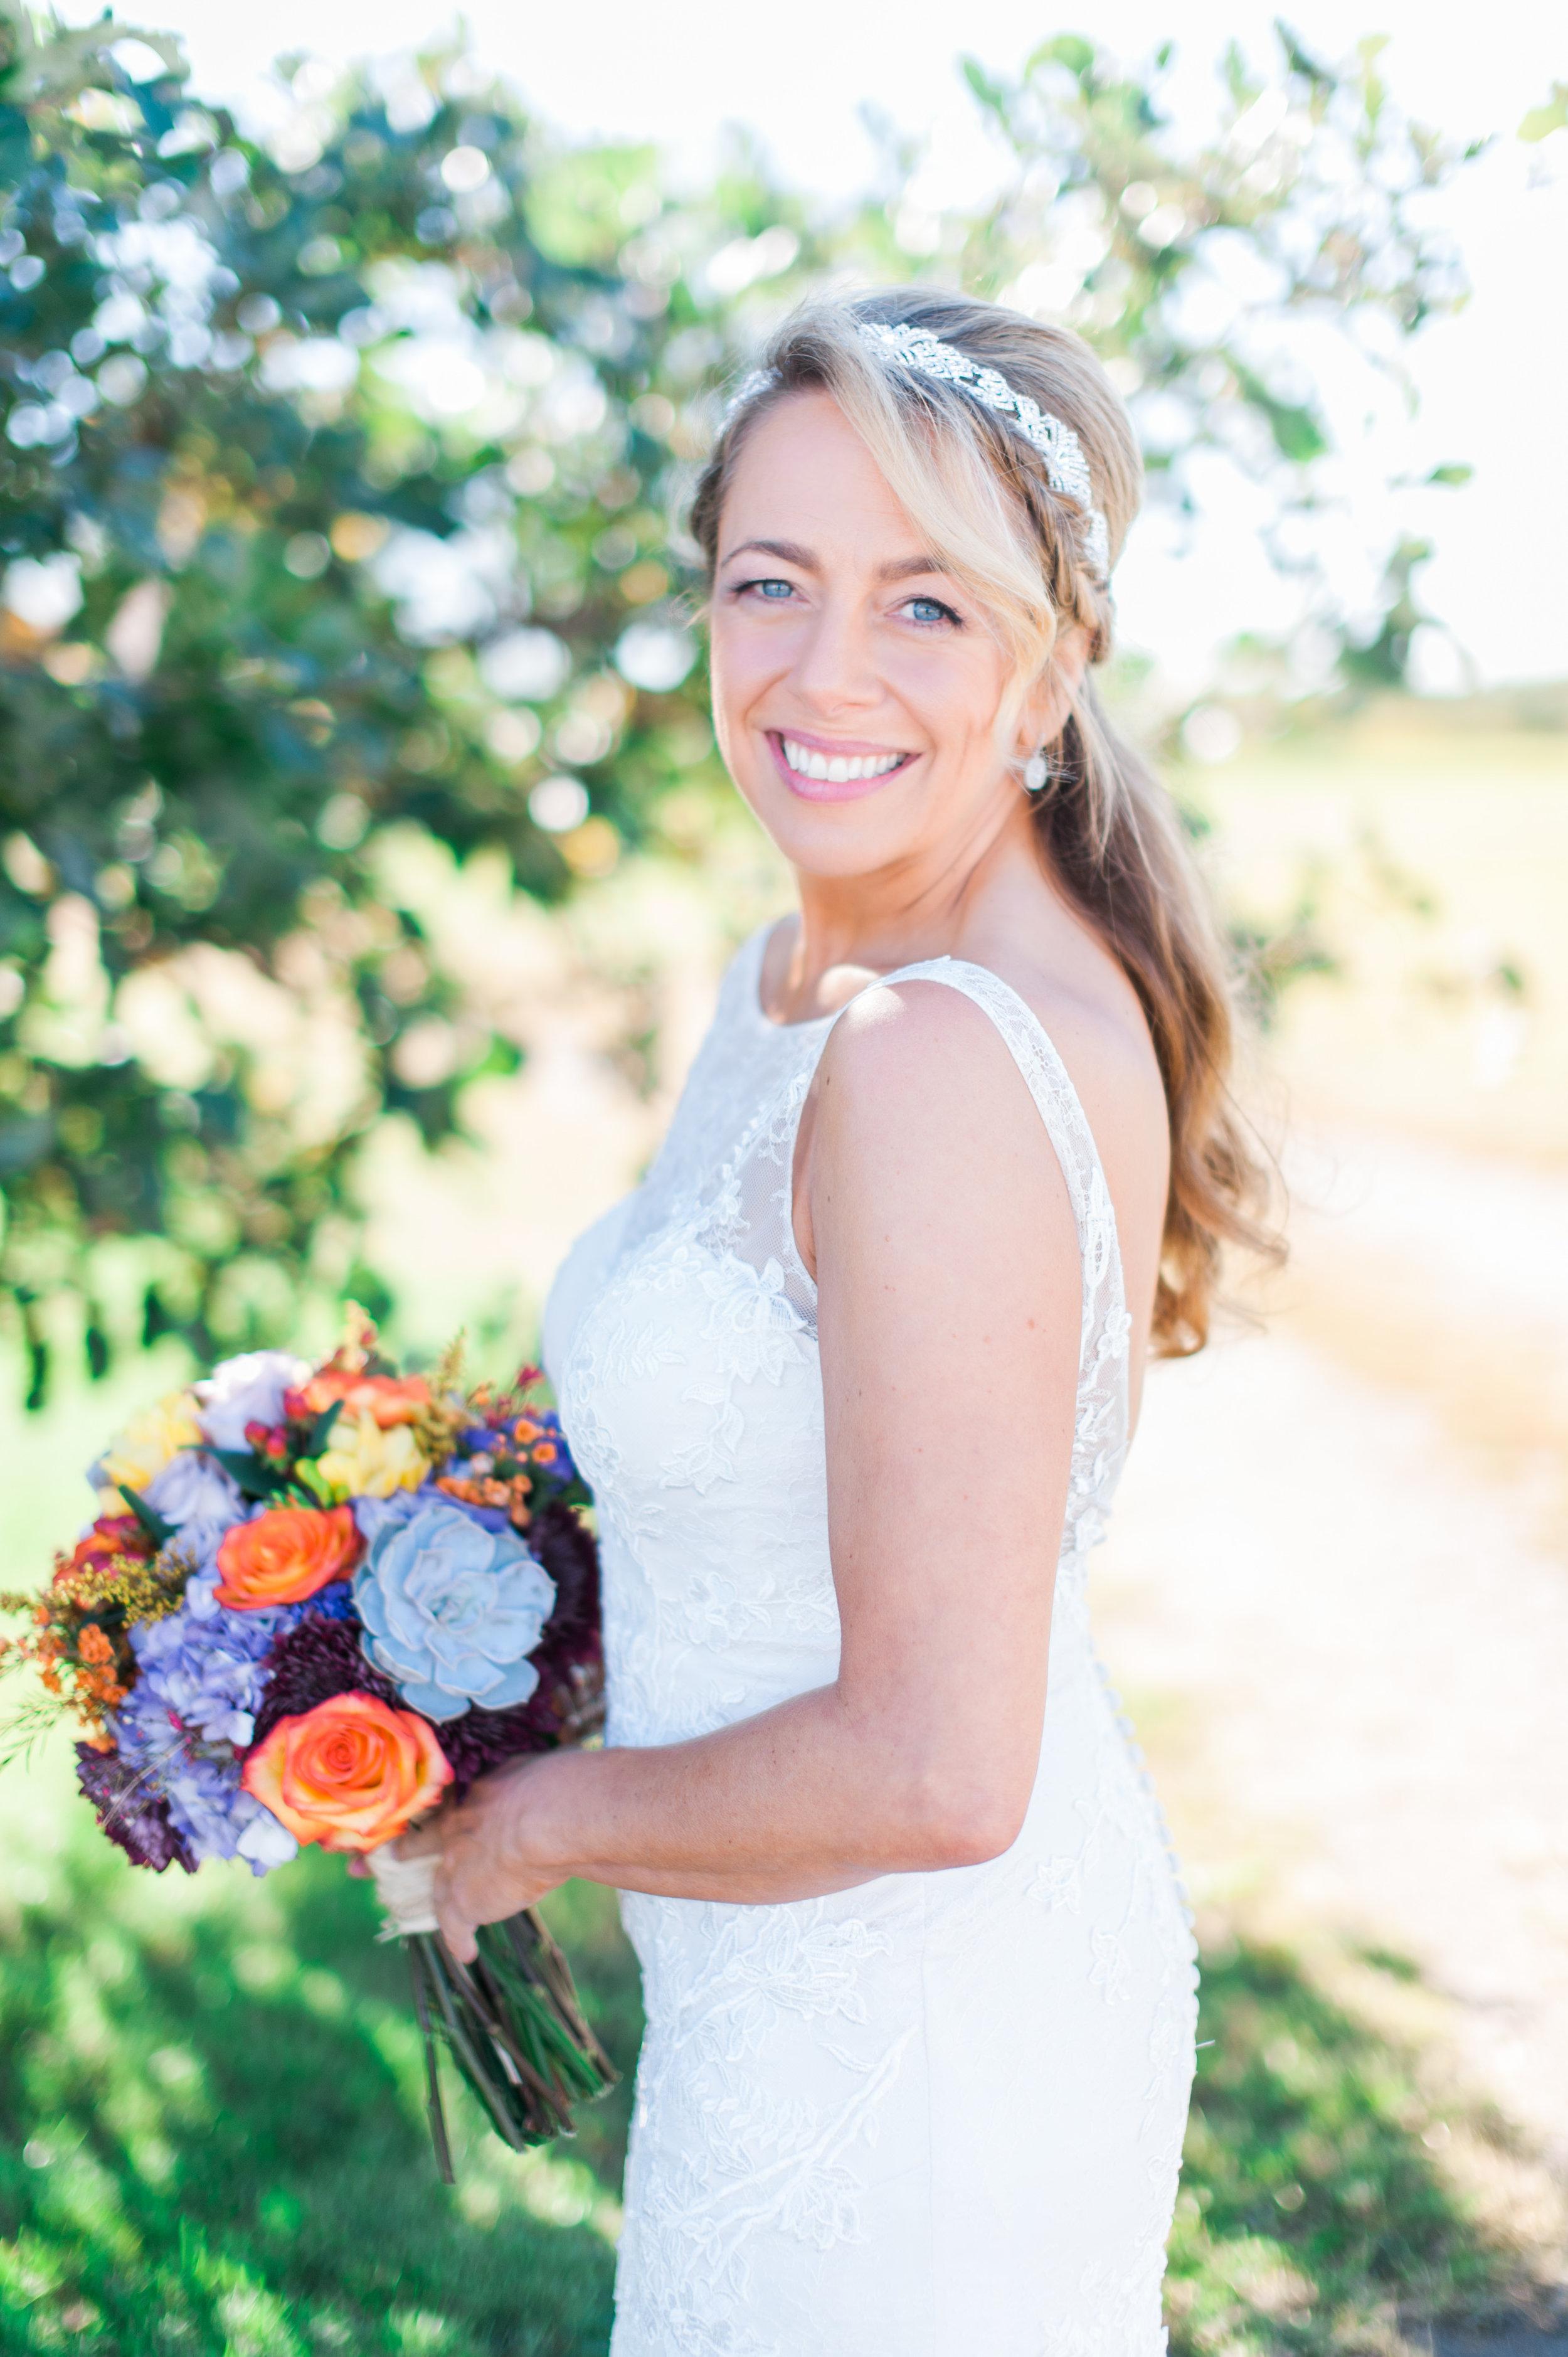 kearney florist